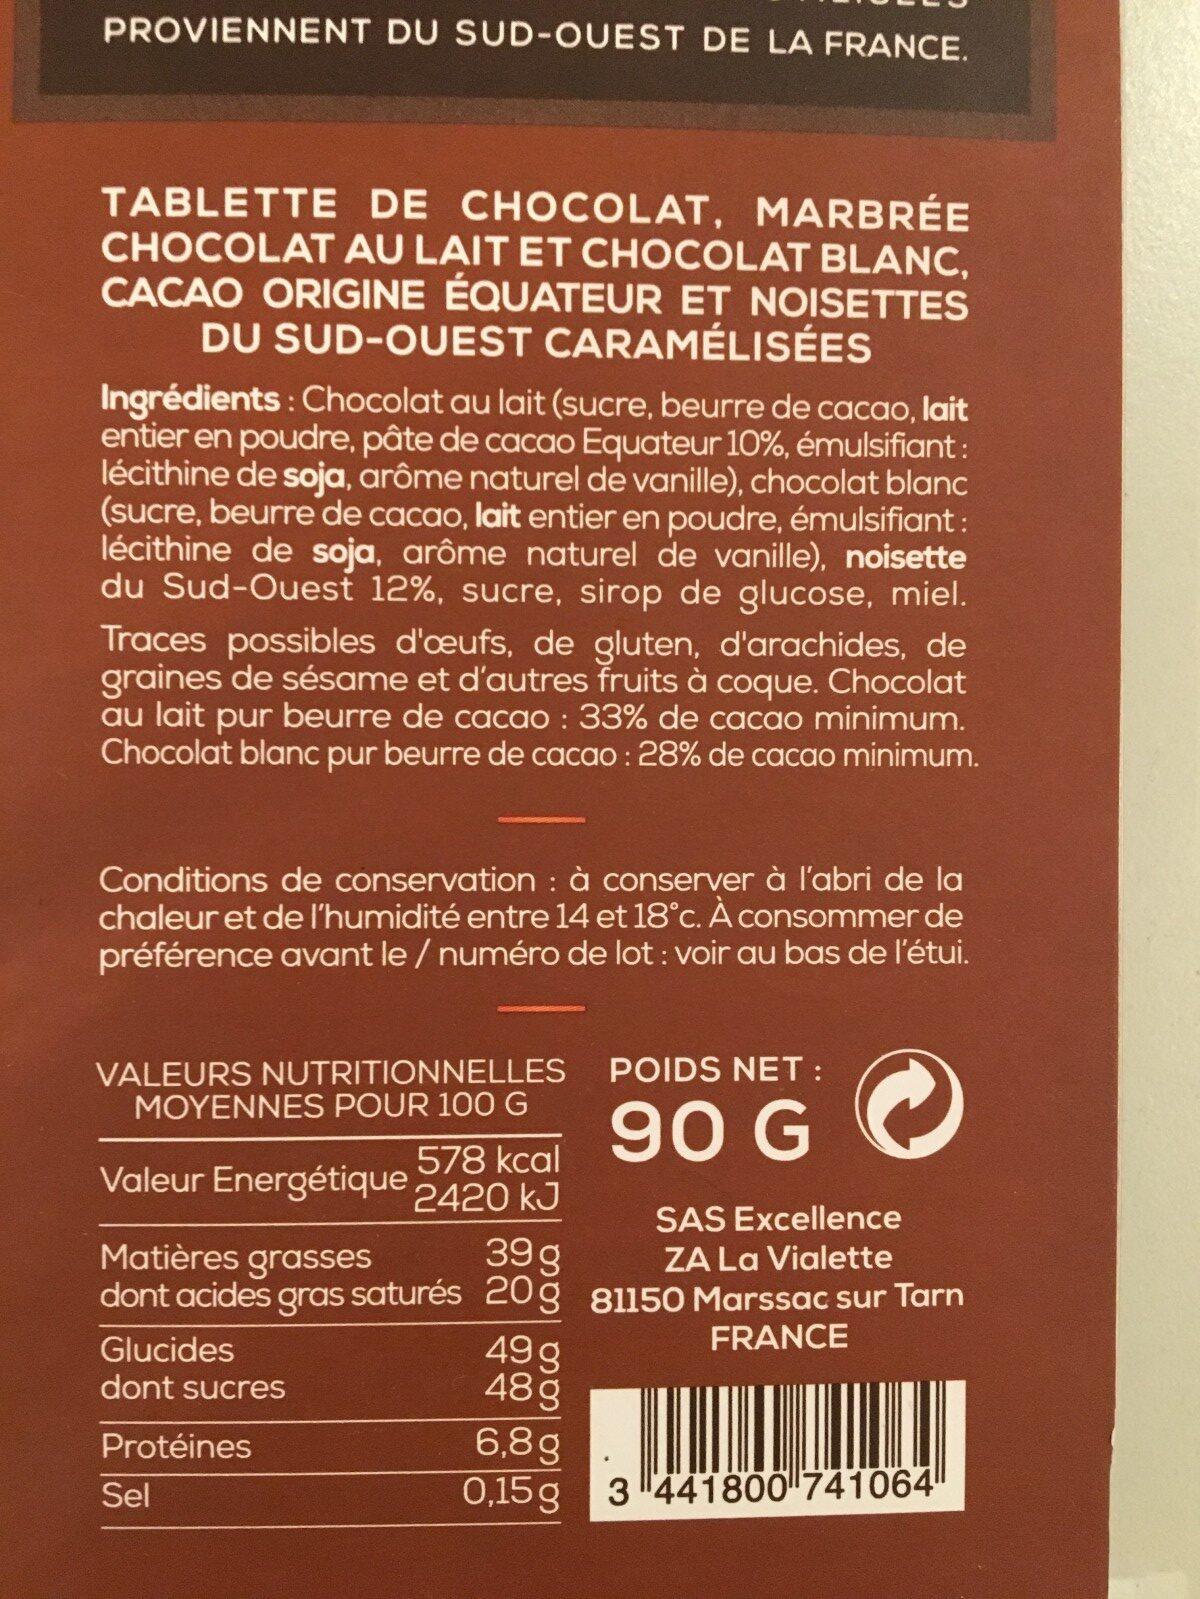 Marbré lait blanc noisettes - Ingredients - fr